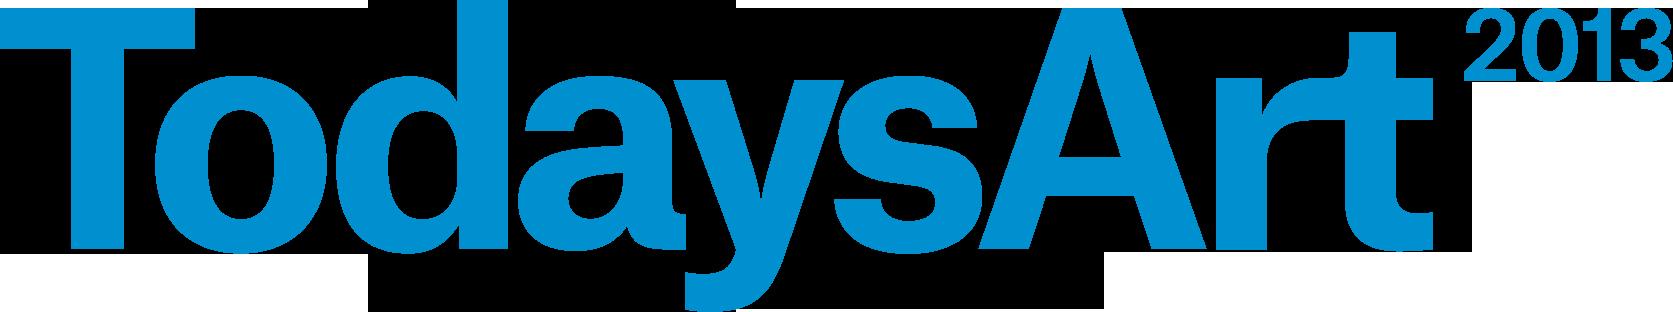 TodaysArt Logo